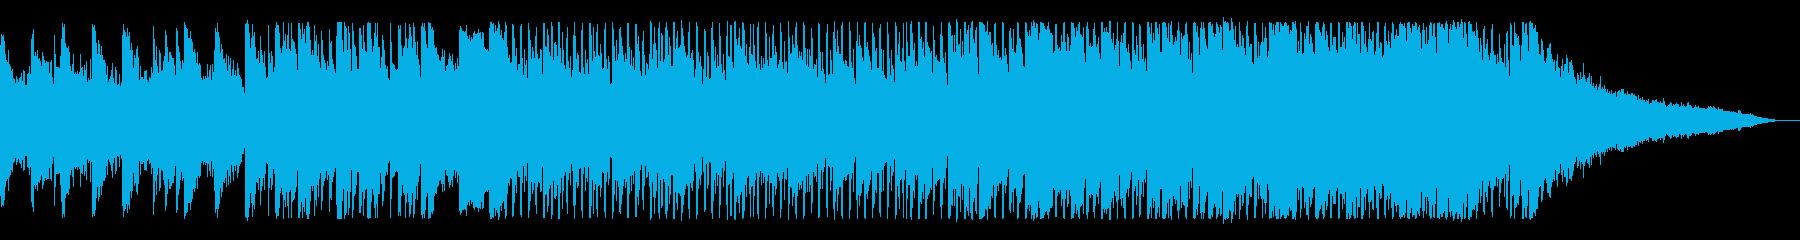 ピアノがかっこいいテクノサウンドの再生済みの波形